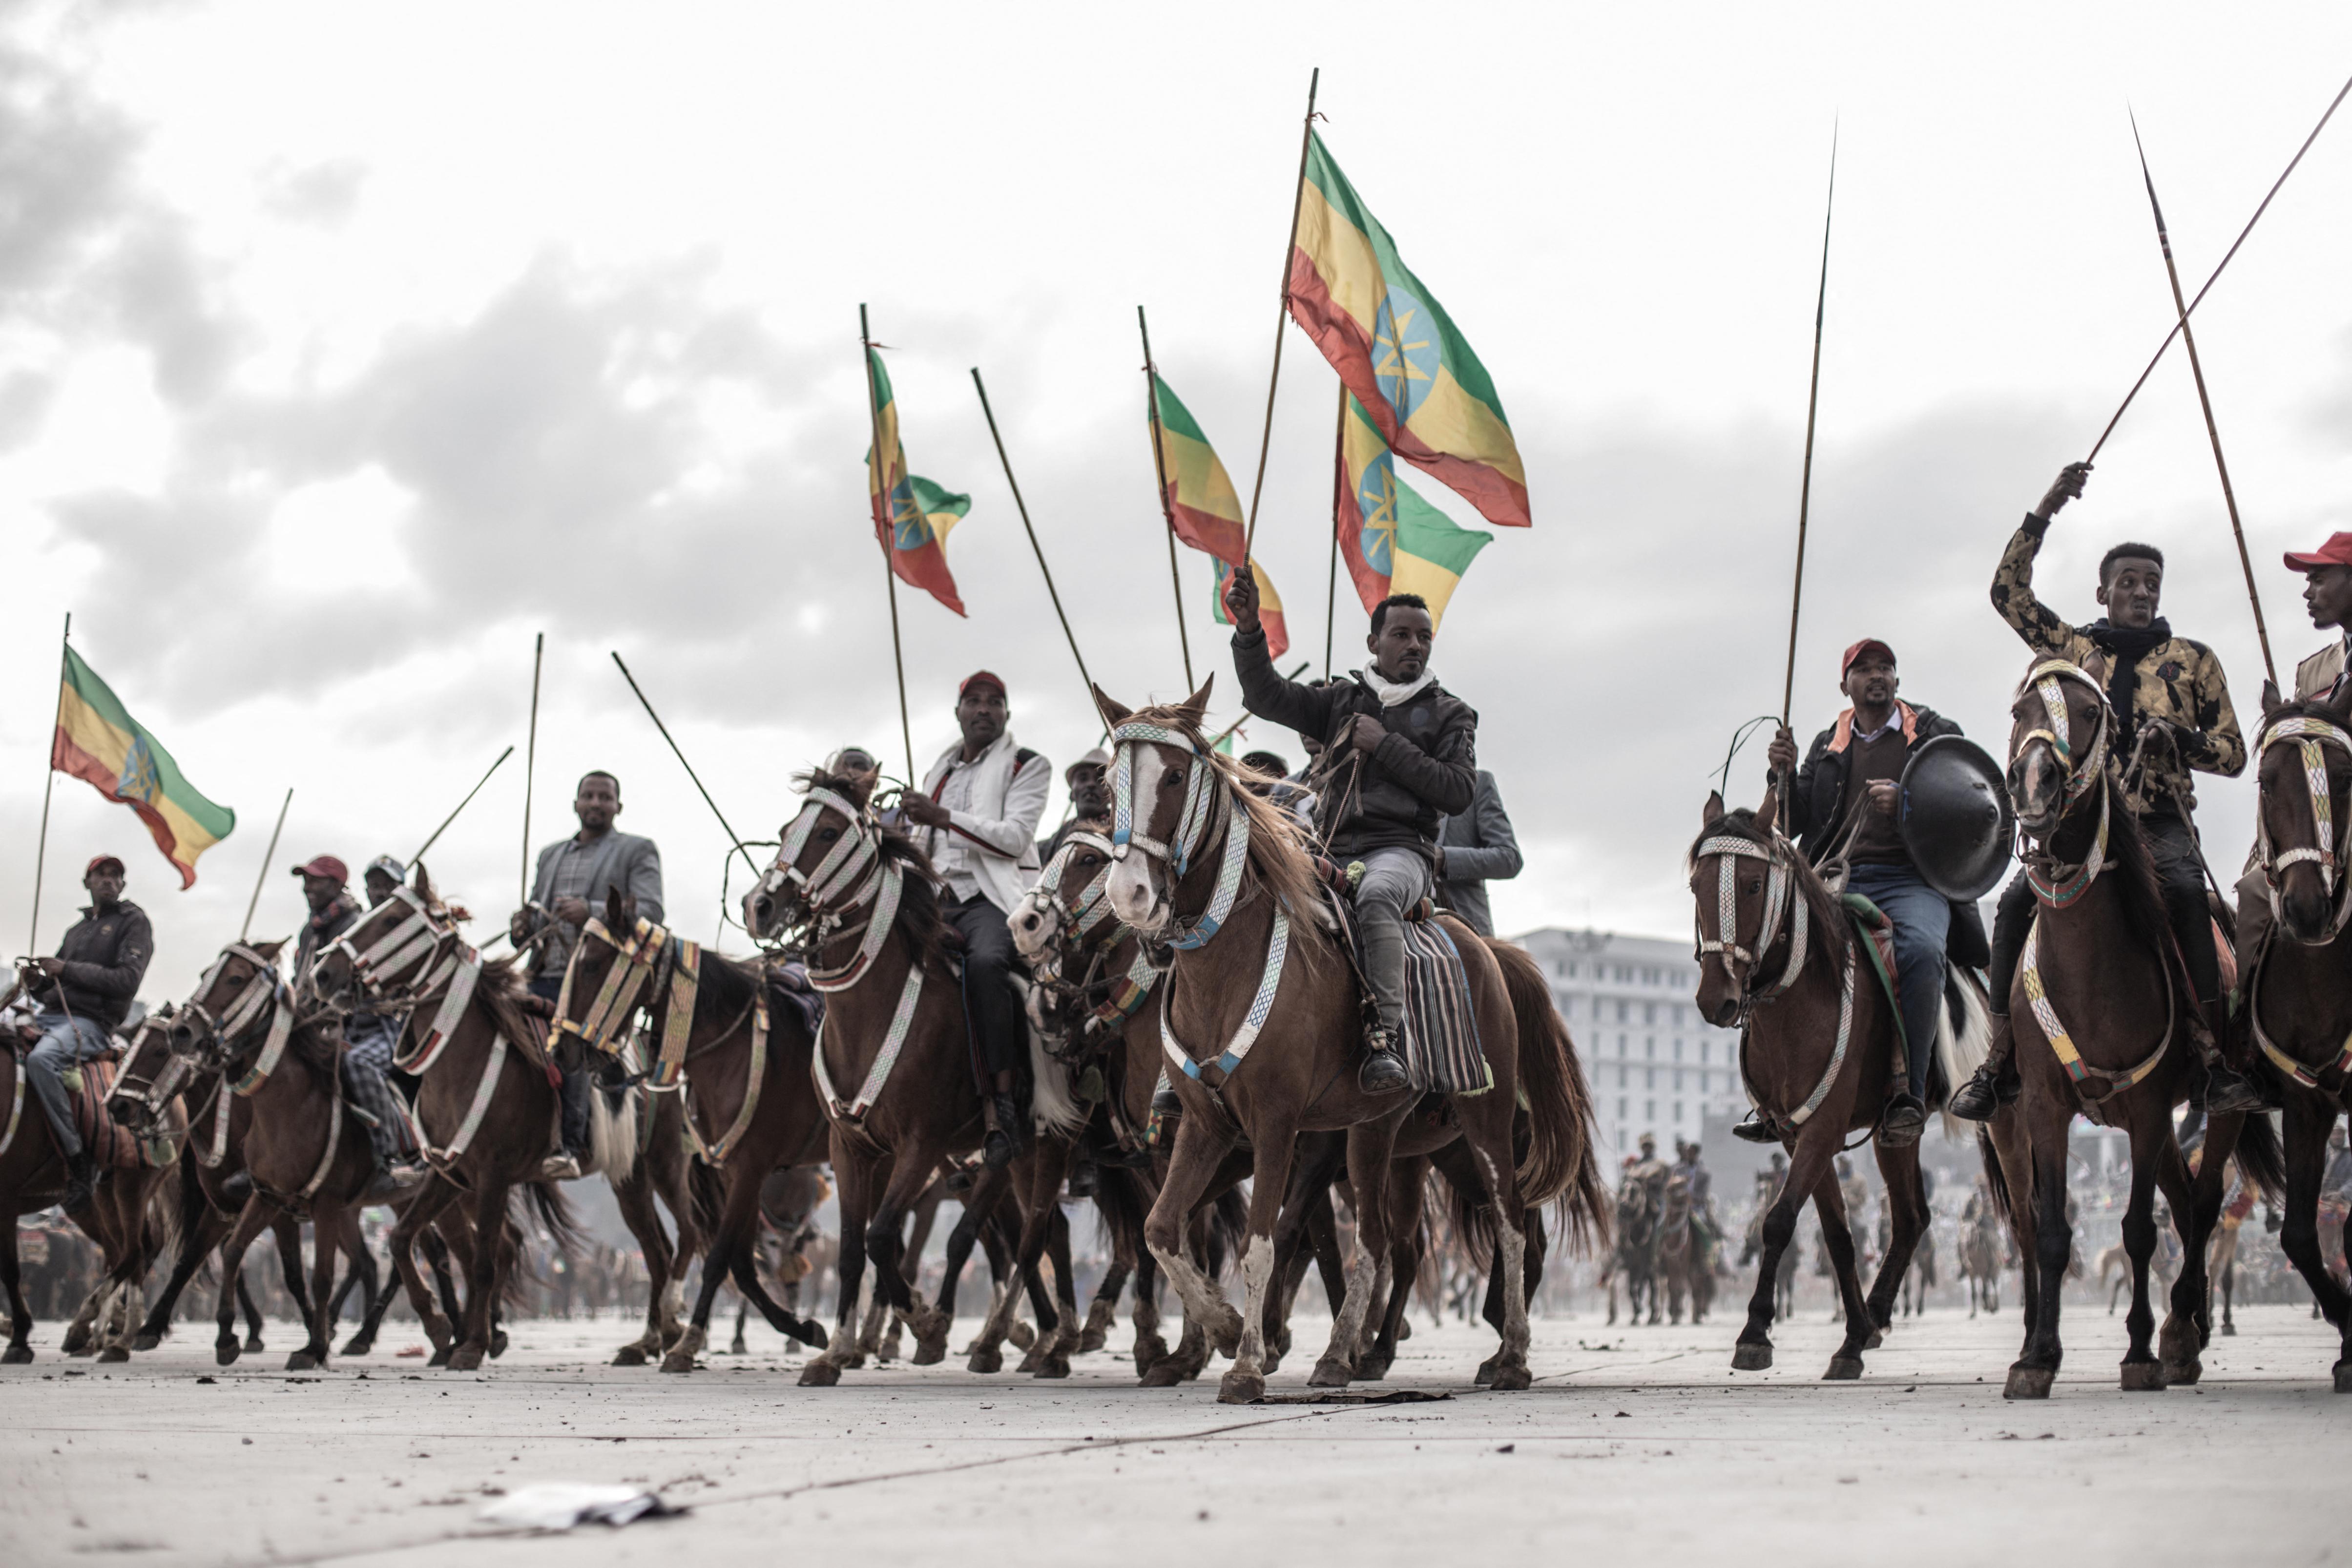 Az etióp kormányerők szerint több ezer tigré lázadóval végeztek